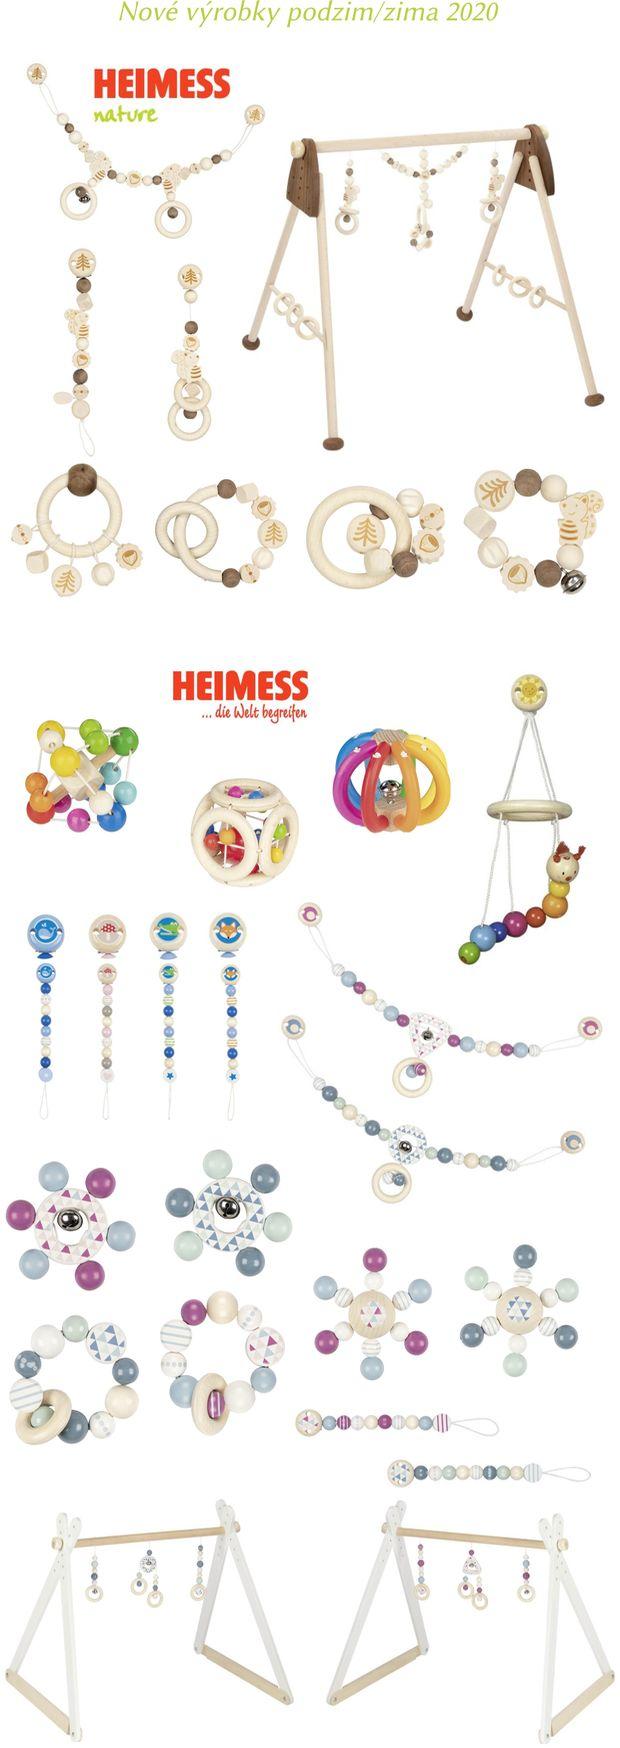 Heimess - novinky